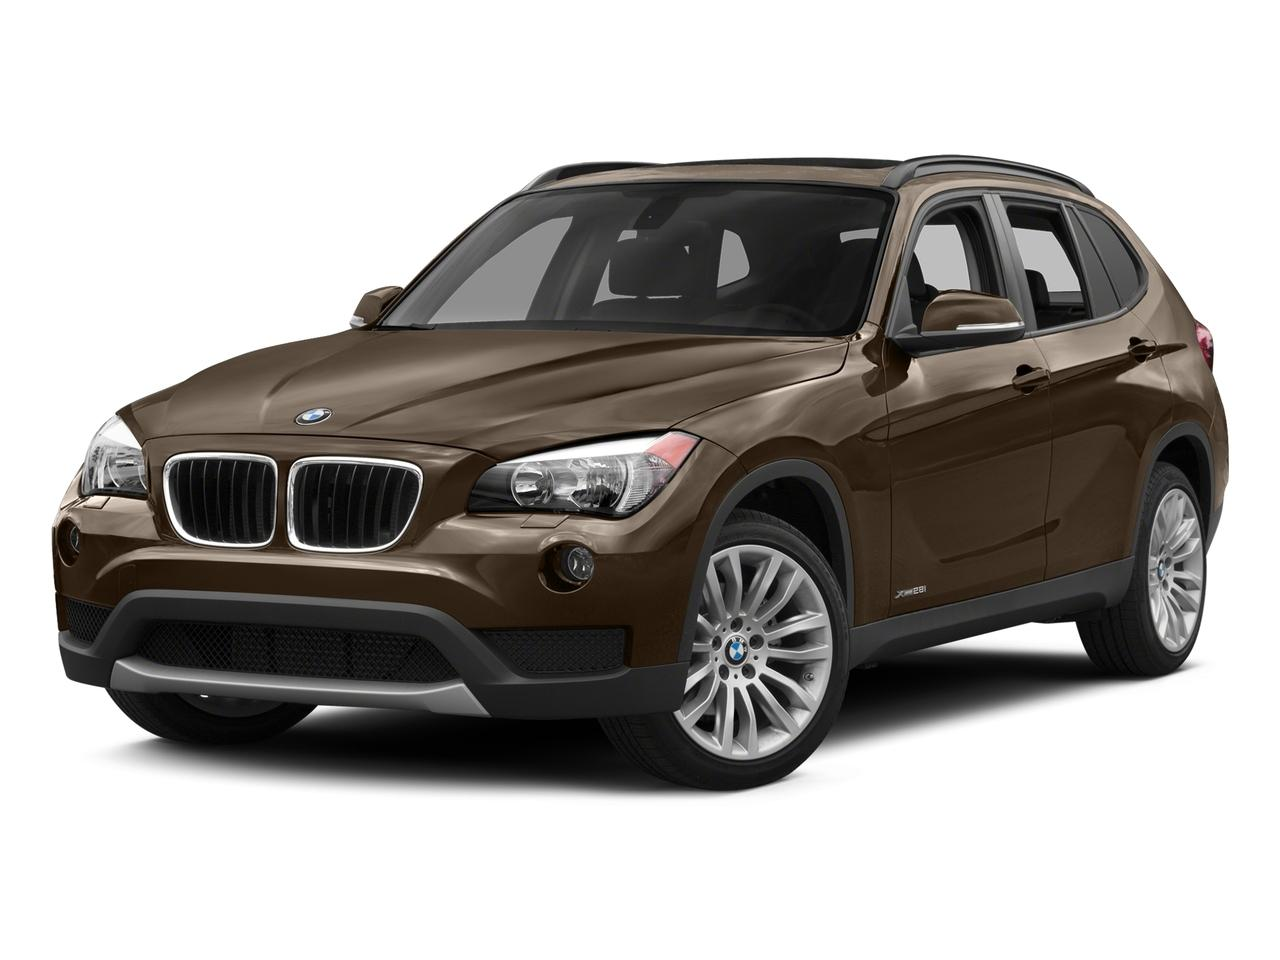 2015 BMW X1 xDrive28i Vehicle Photo in Pleasanton, CA 94588